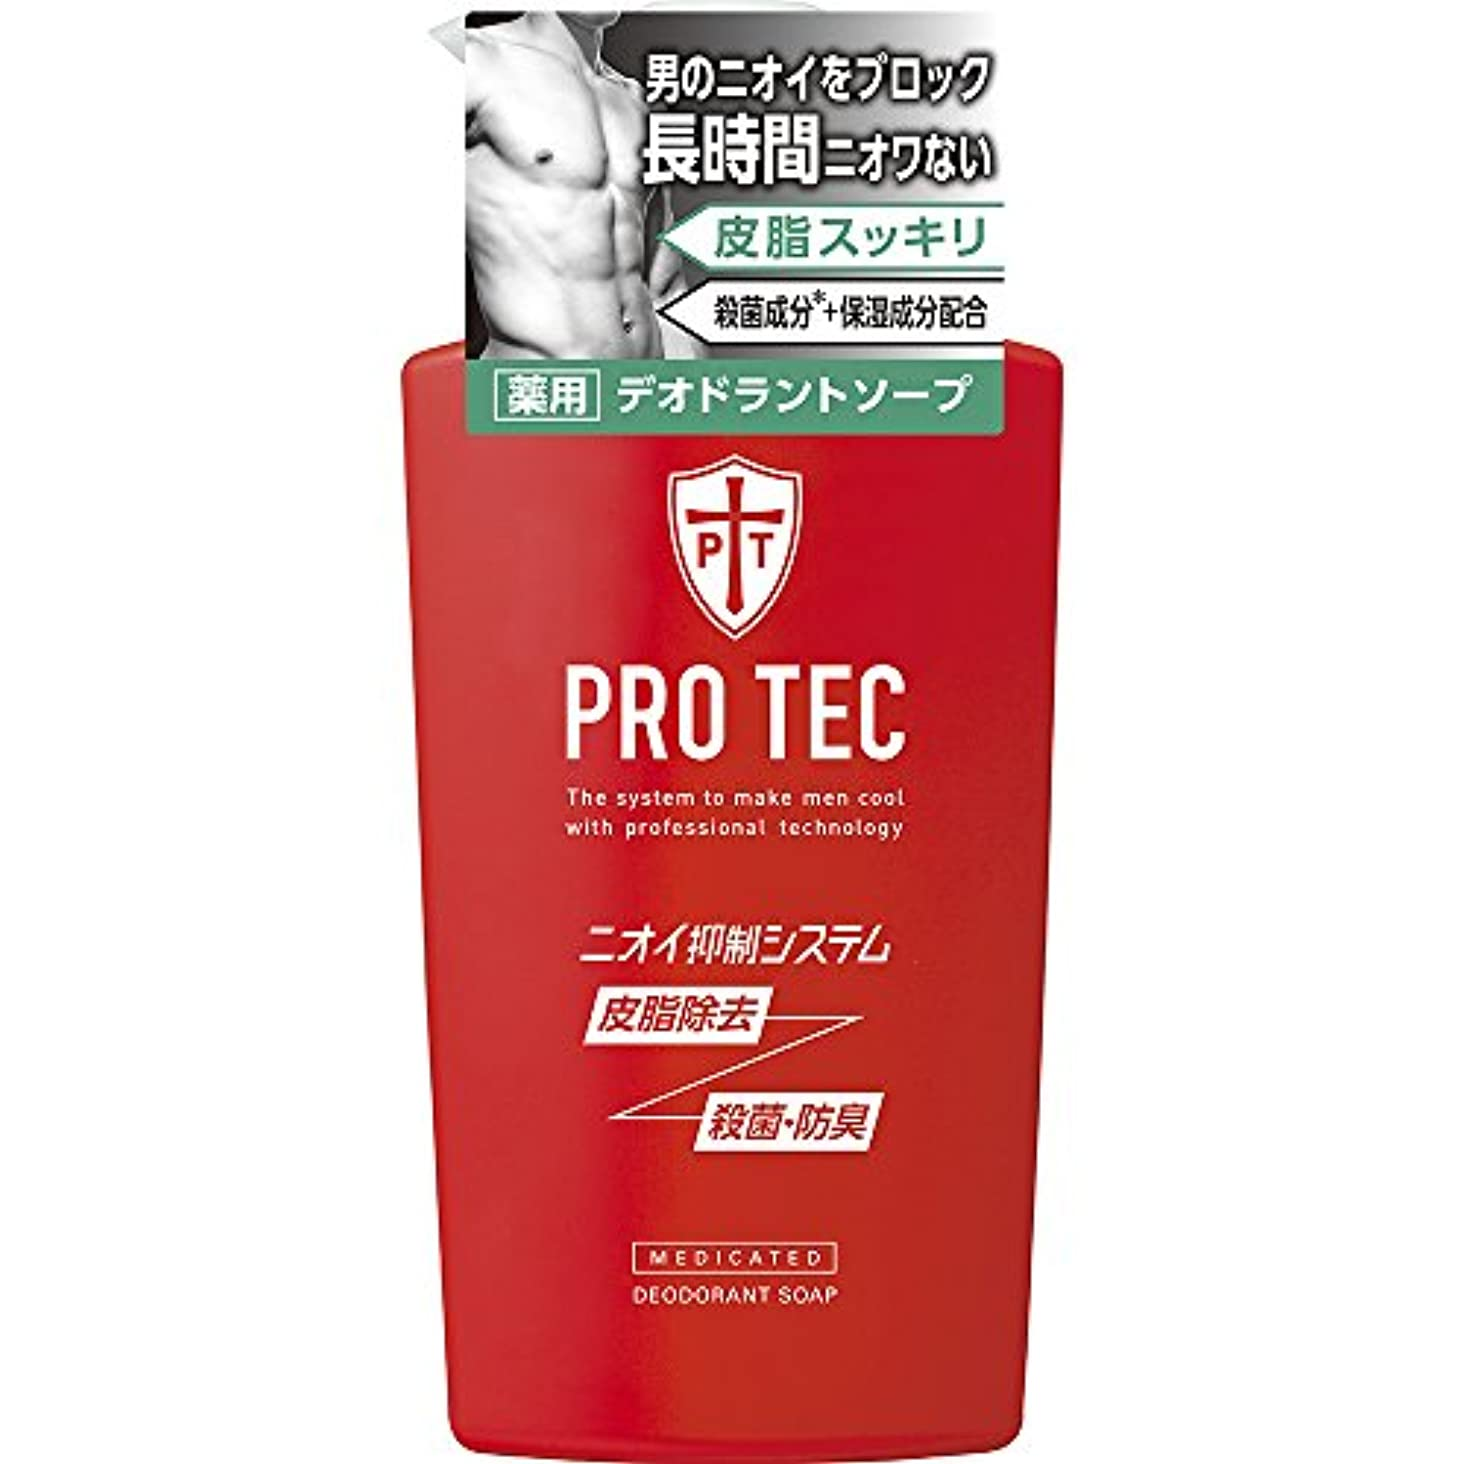 品揃え増強ストリームPRO TEC(プロテク) デオドラントソープ 本体ポンプ 420ml